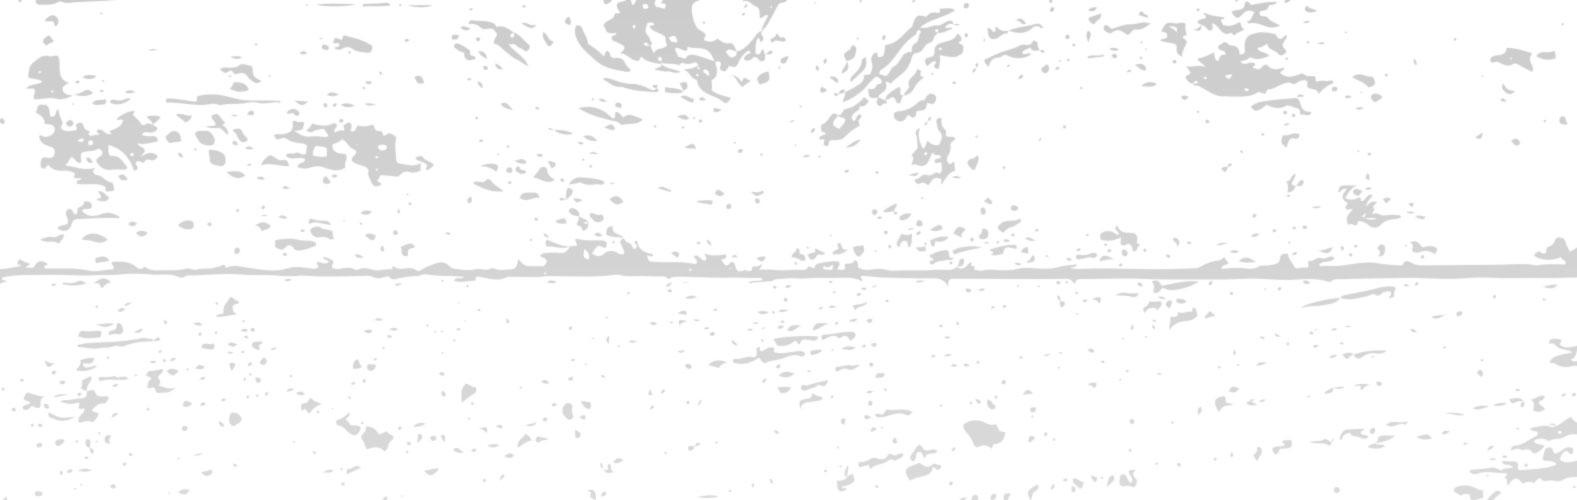 ok17-bg